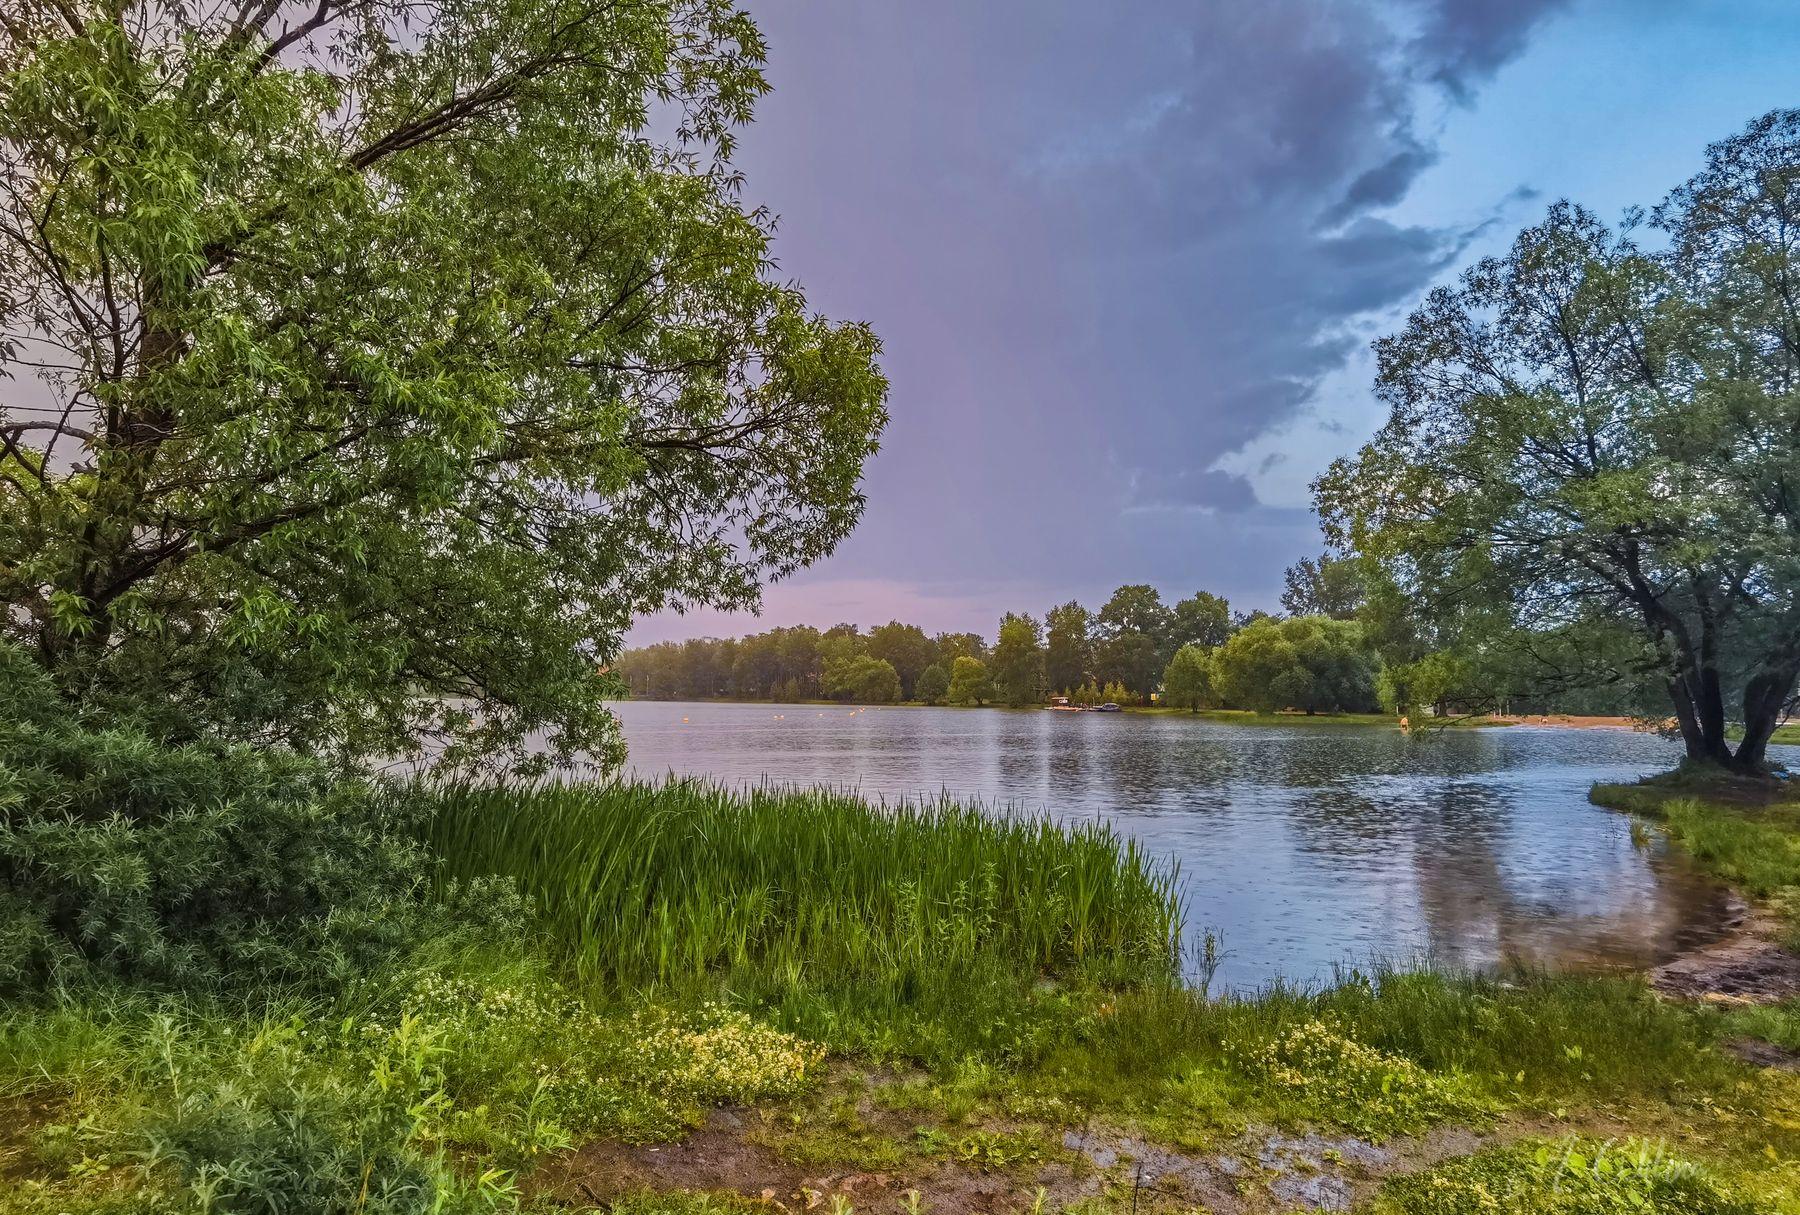 После ливня-2 озеро вечер закат тучи облака берег трава ивы лес